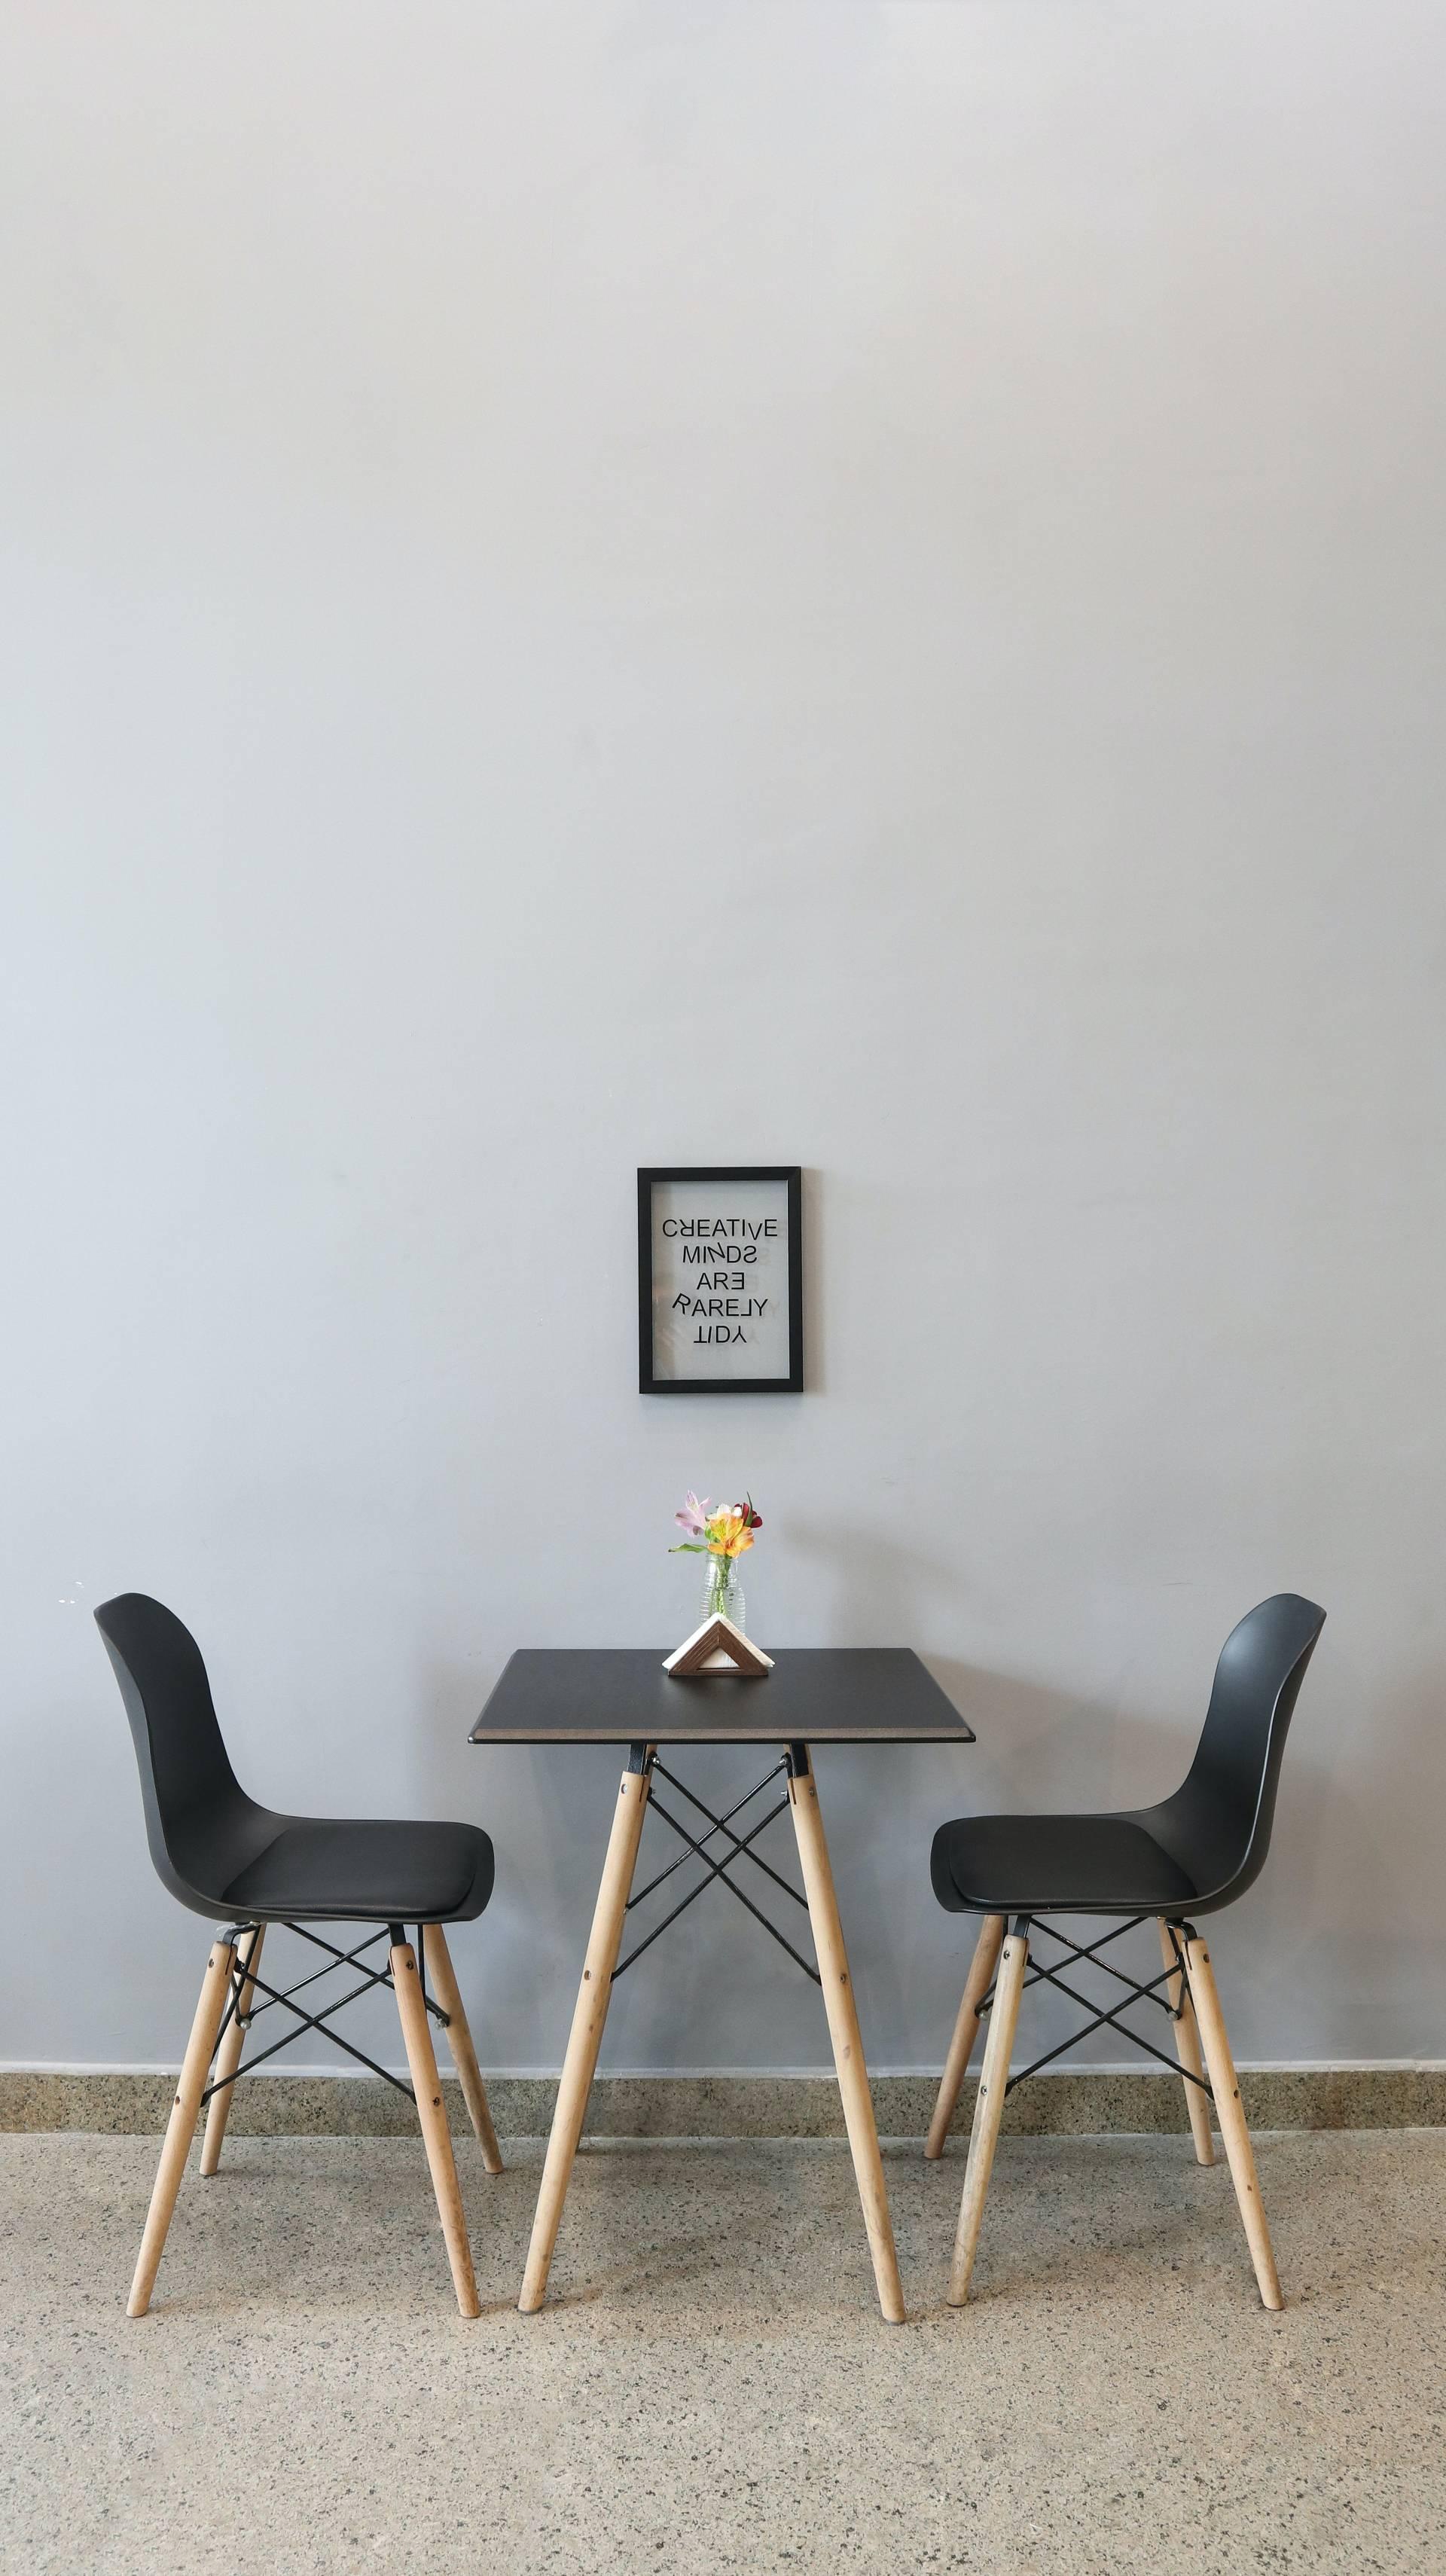 Möbel online zu bestellen, hat in den vergangenen Jahren zur erhöhten Akzeptanz erlangt, wie die Umsatzzahlen der Möbel-Versandhäuser verdeutlichen.